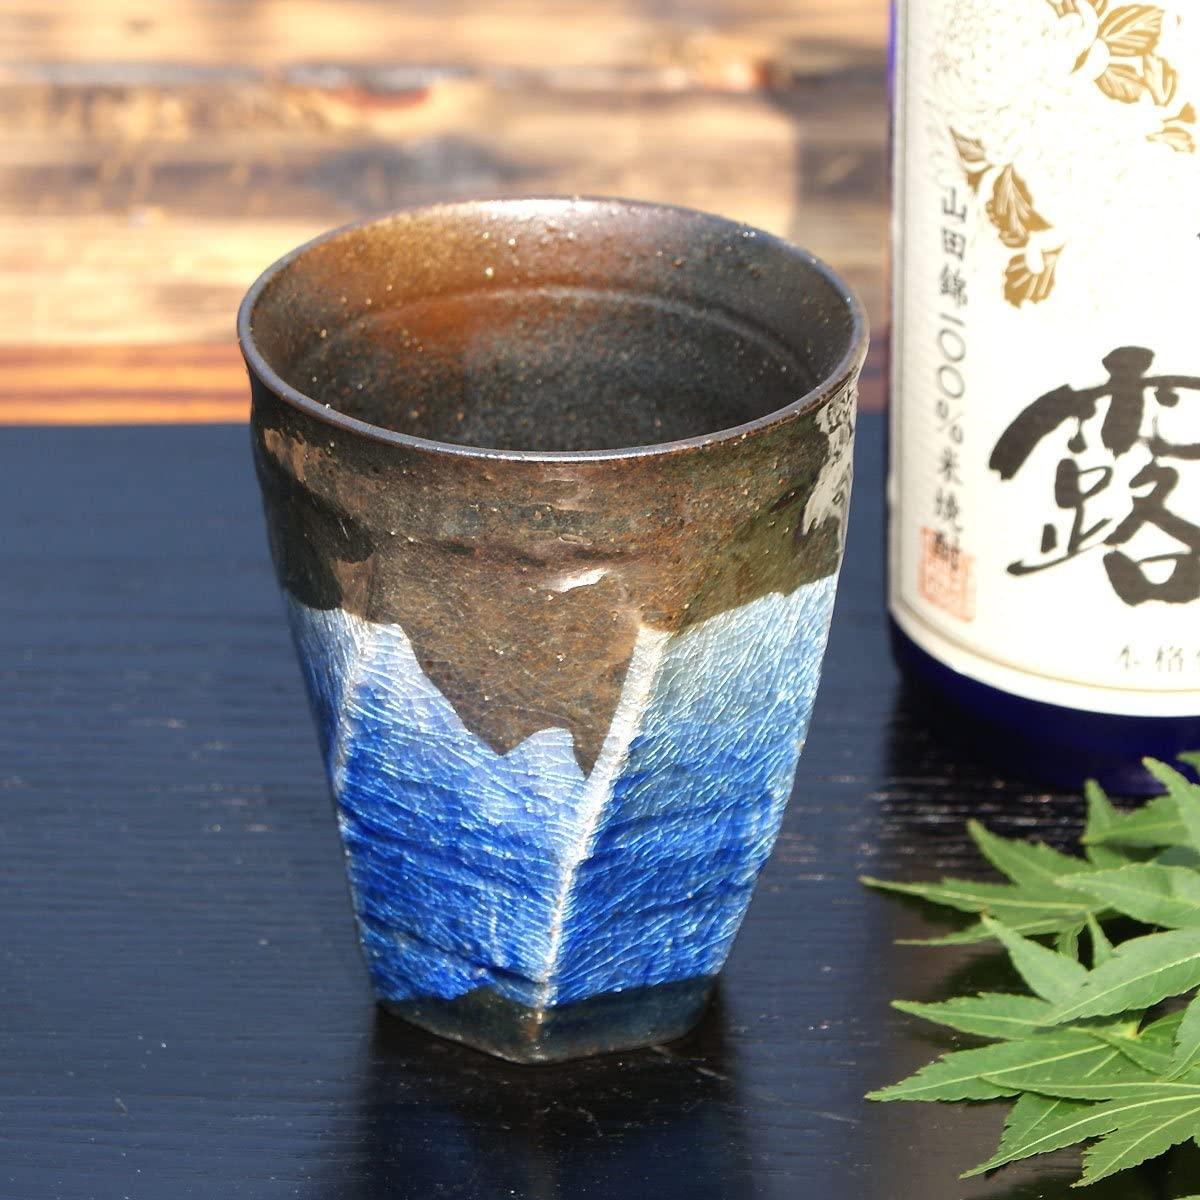 九谷焼(くたにやき)陶器の荒削り 焼酎グラス 銀彩(ブルー)の商品画像